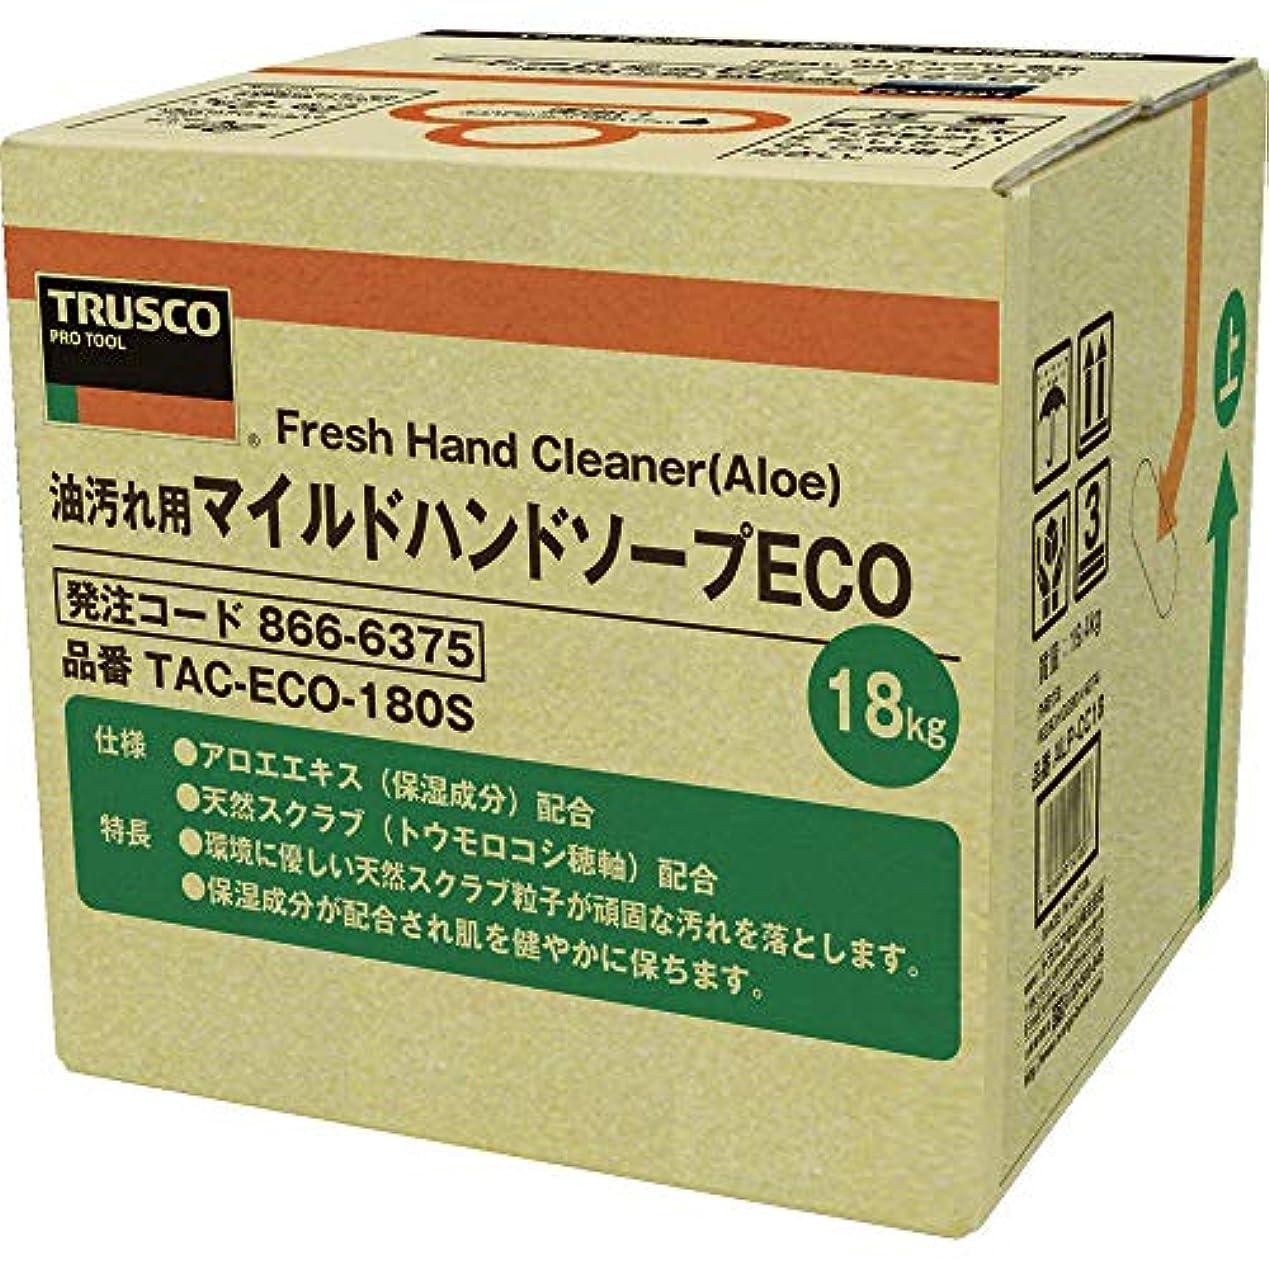 ジャベスウィルソン通り可動TRUSCO(トラスコ) マイルドハンドソープ ECO 18L 詰替 バッグインボックス TACECO180S